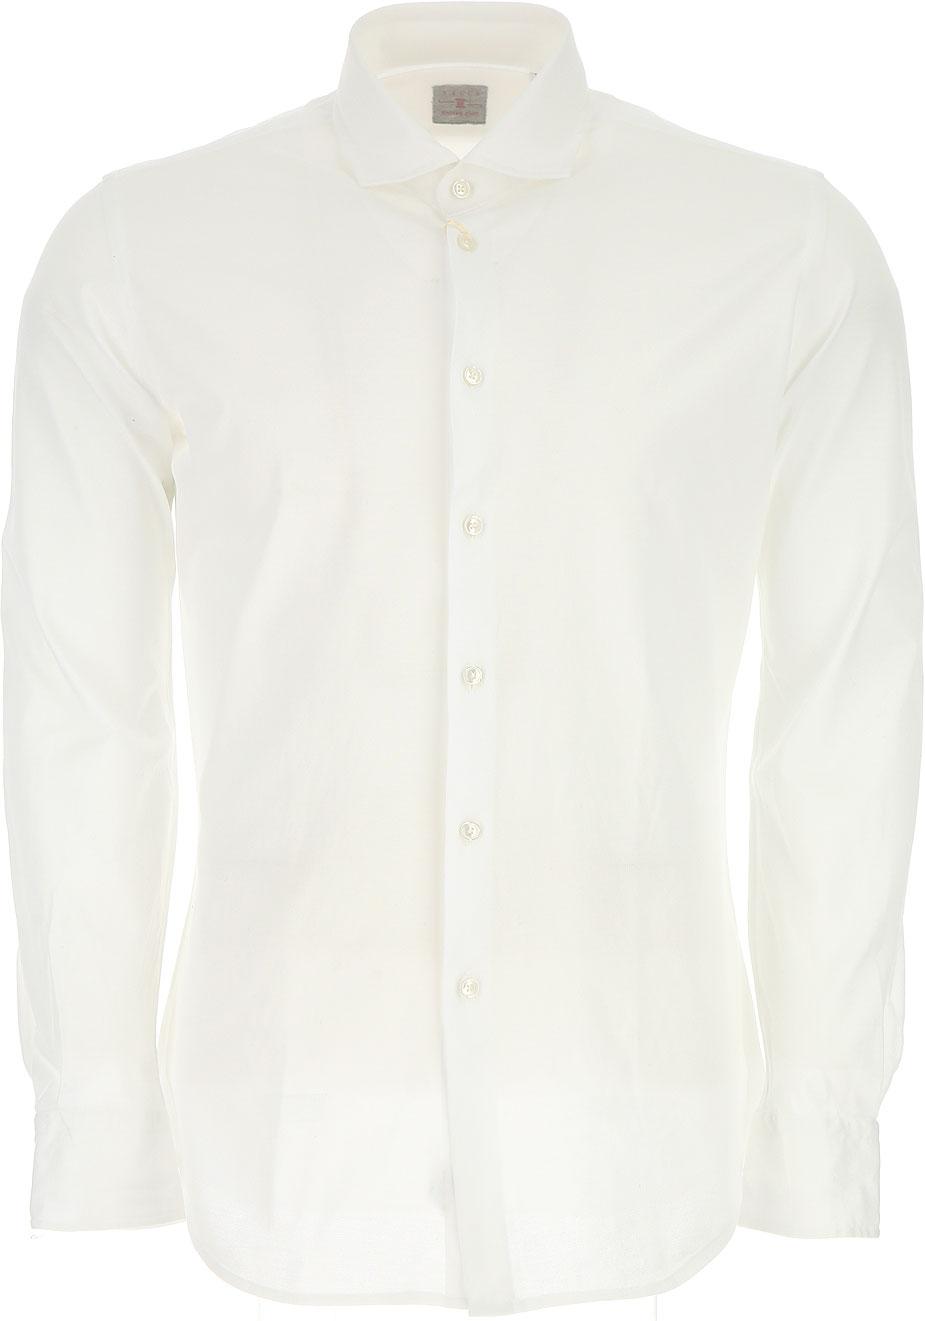 Abbigliamento Uomo Xacus, Codice Articolo: j748ml-21464-001